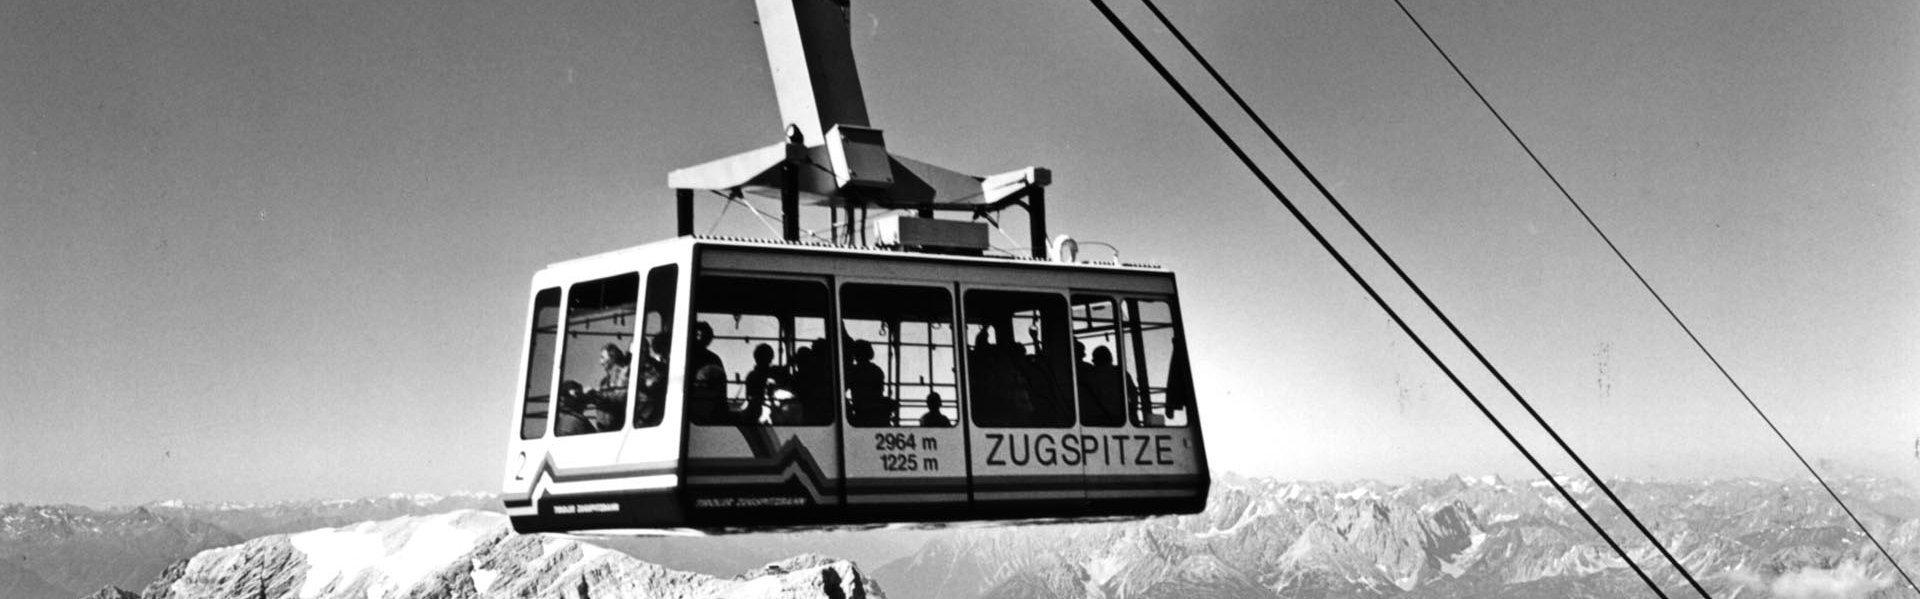 Alte Aufnahme der Zugspitzbahn